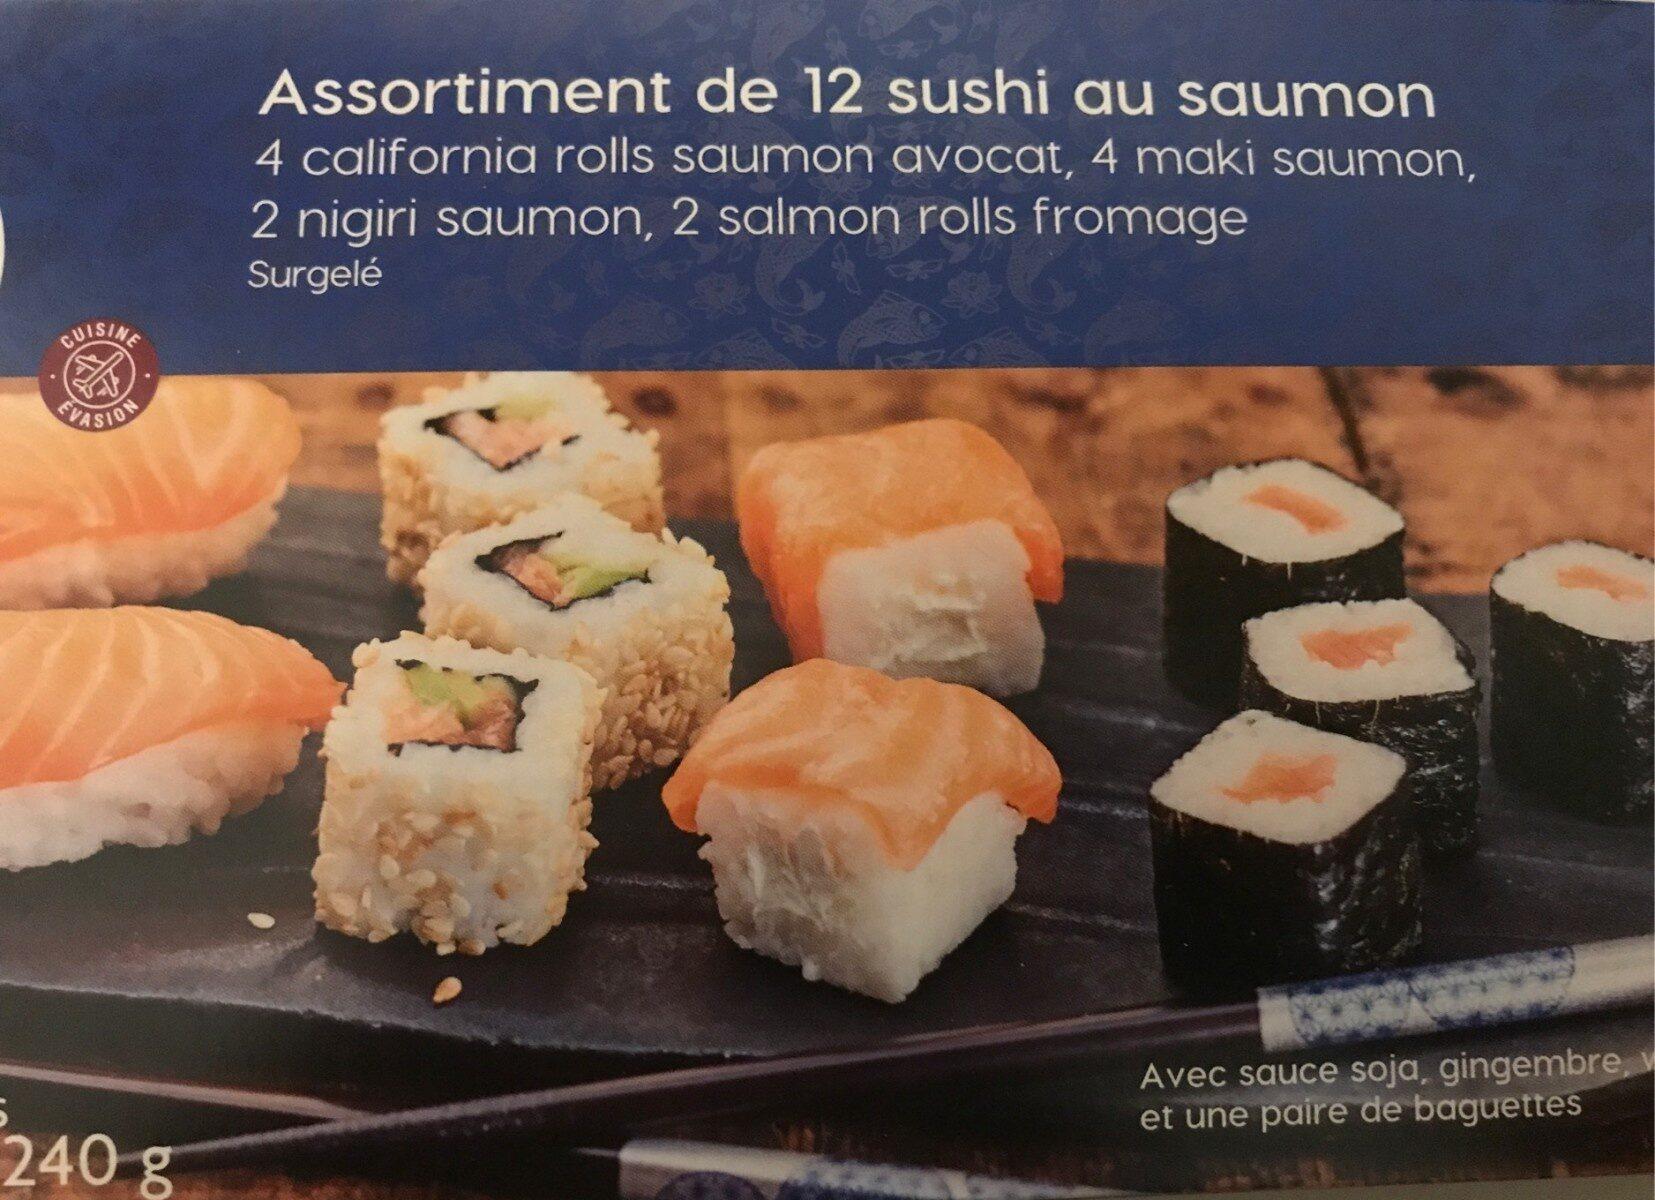 Assortiment de 12 sushi au saumon - Produit - fr